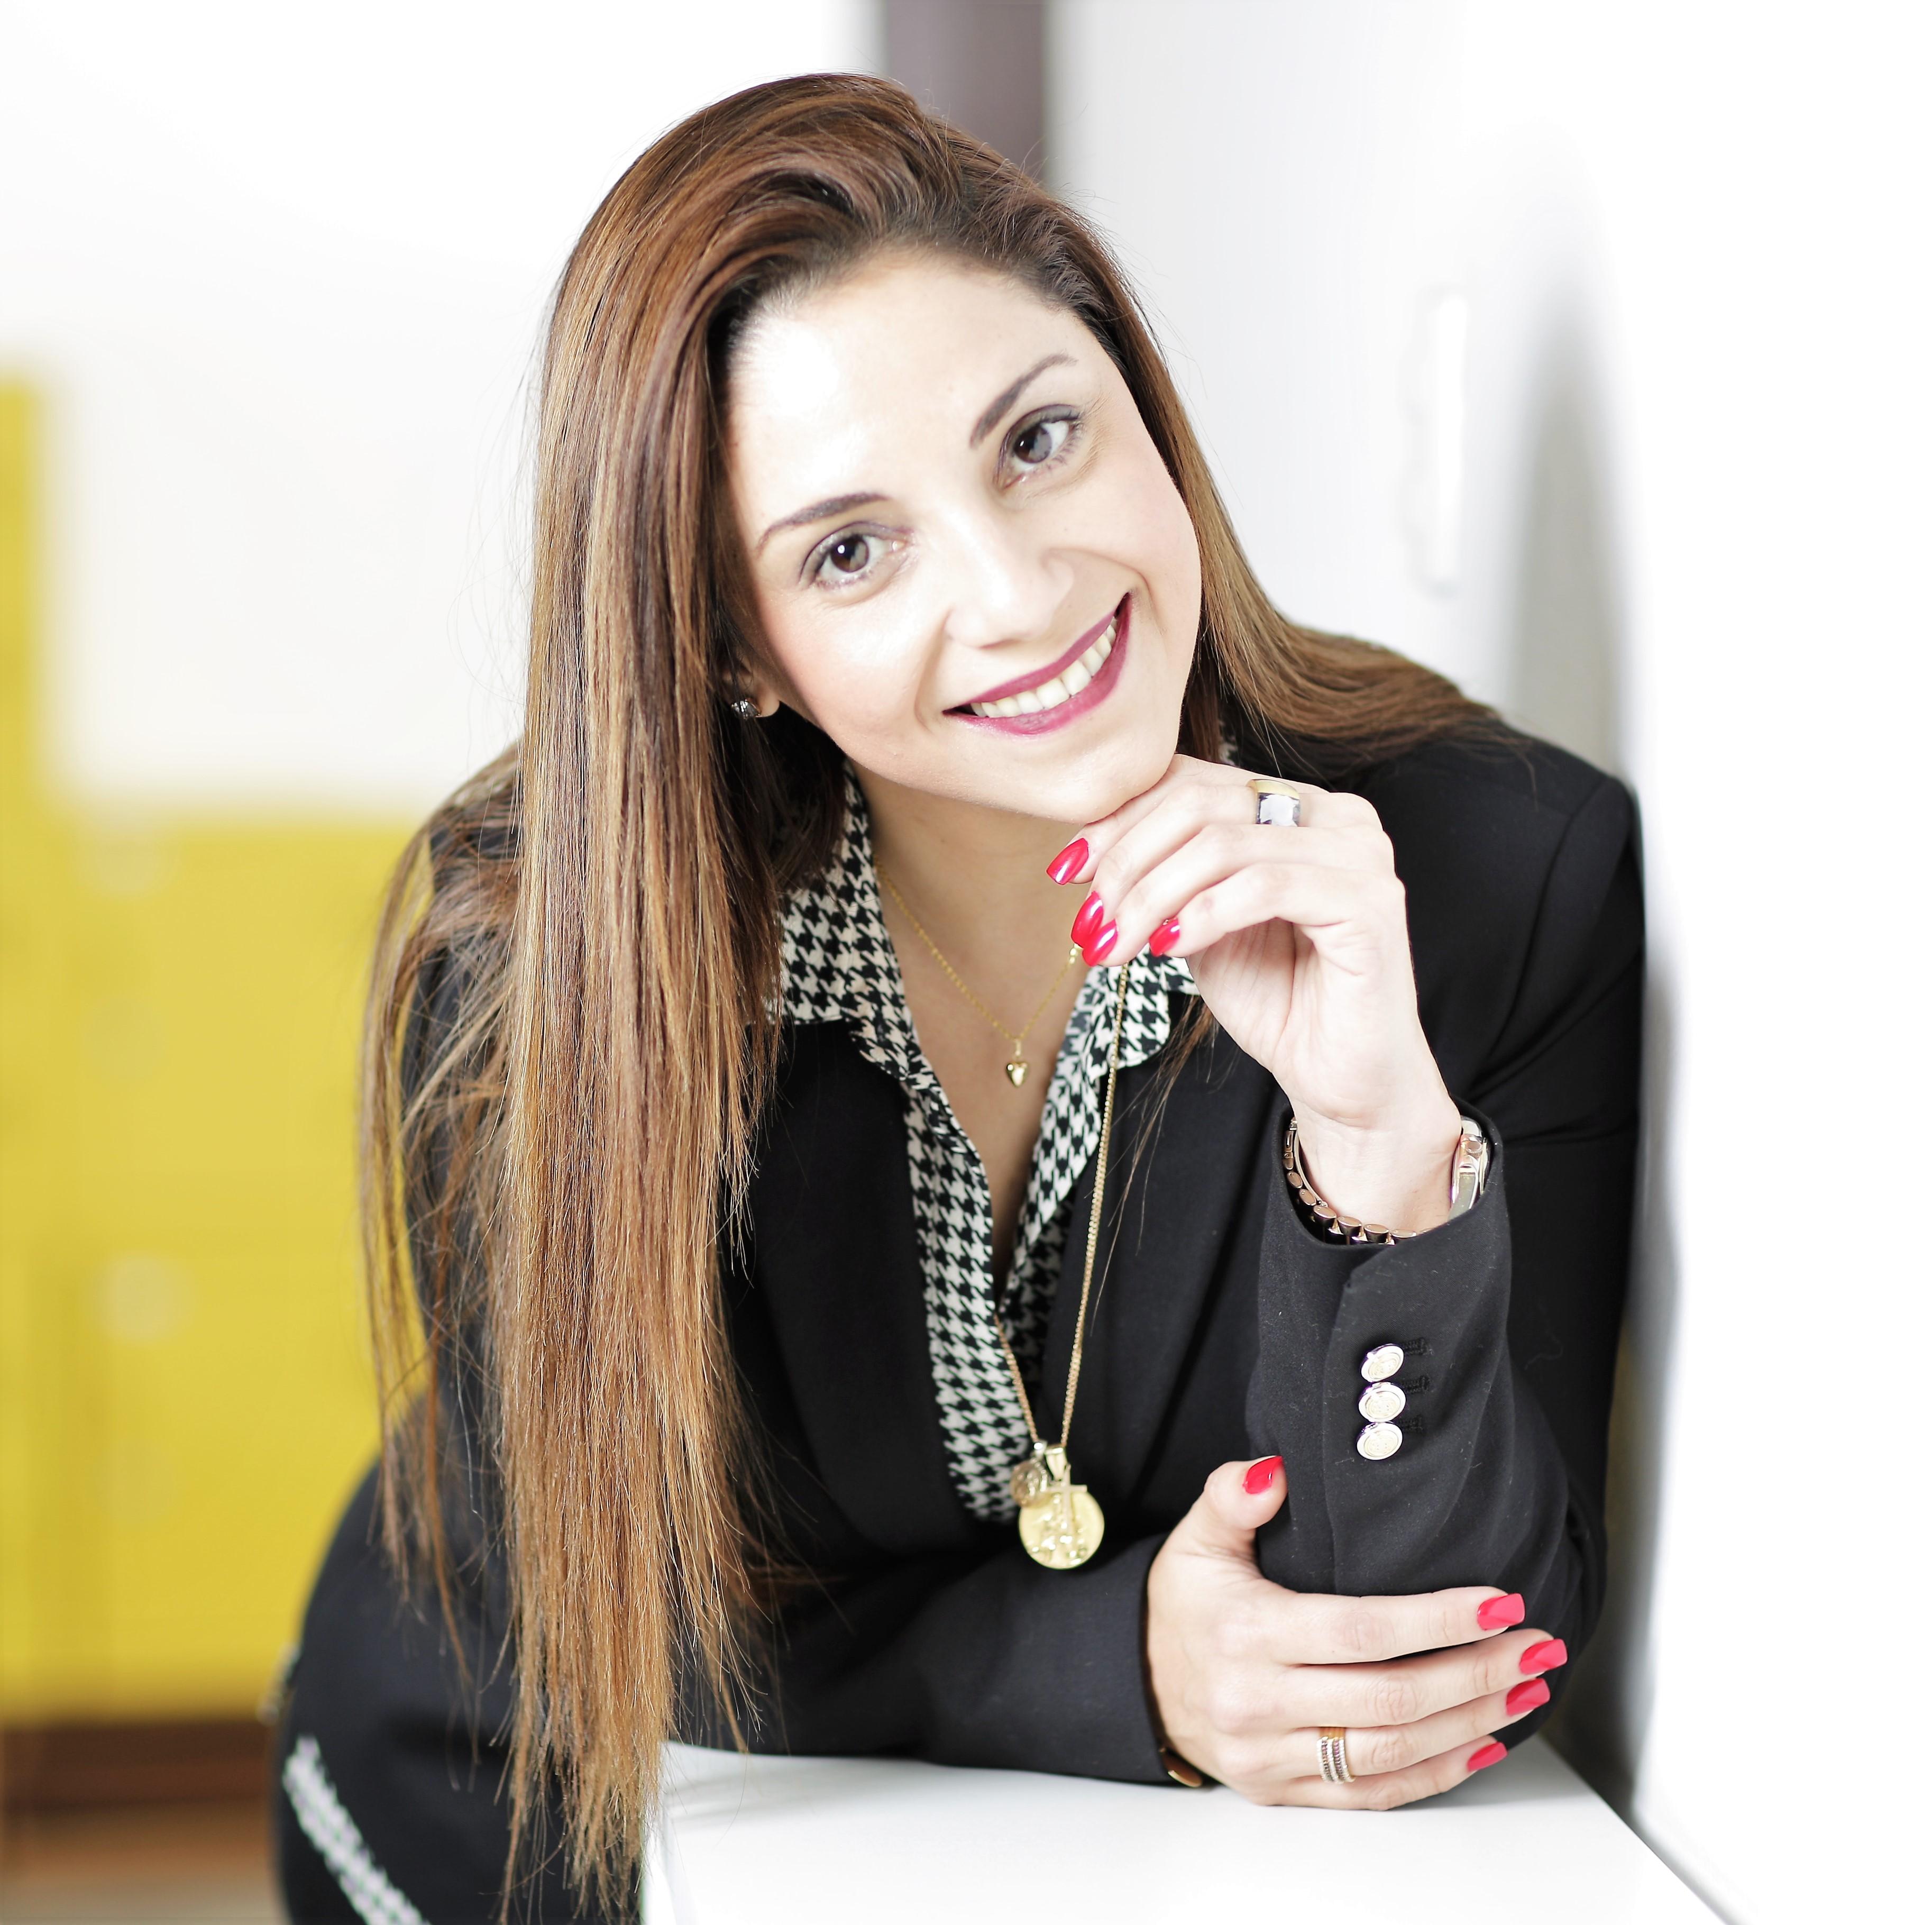 Alicia Barco